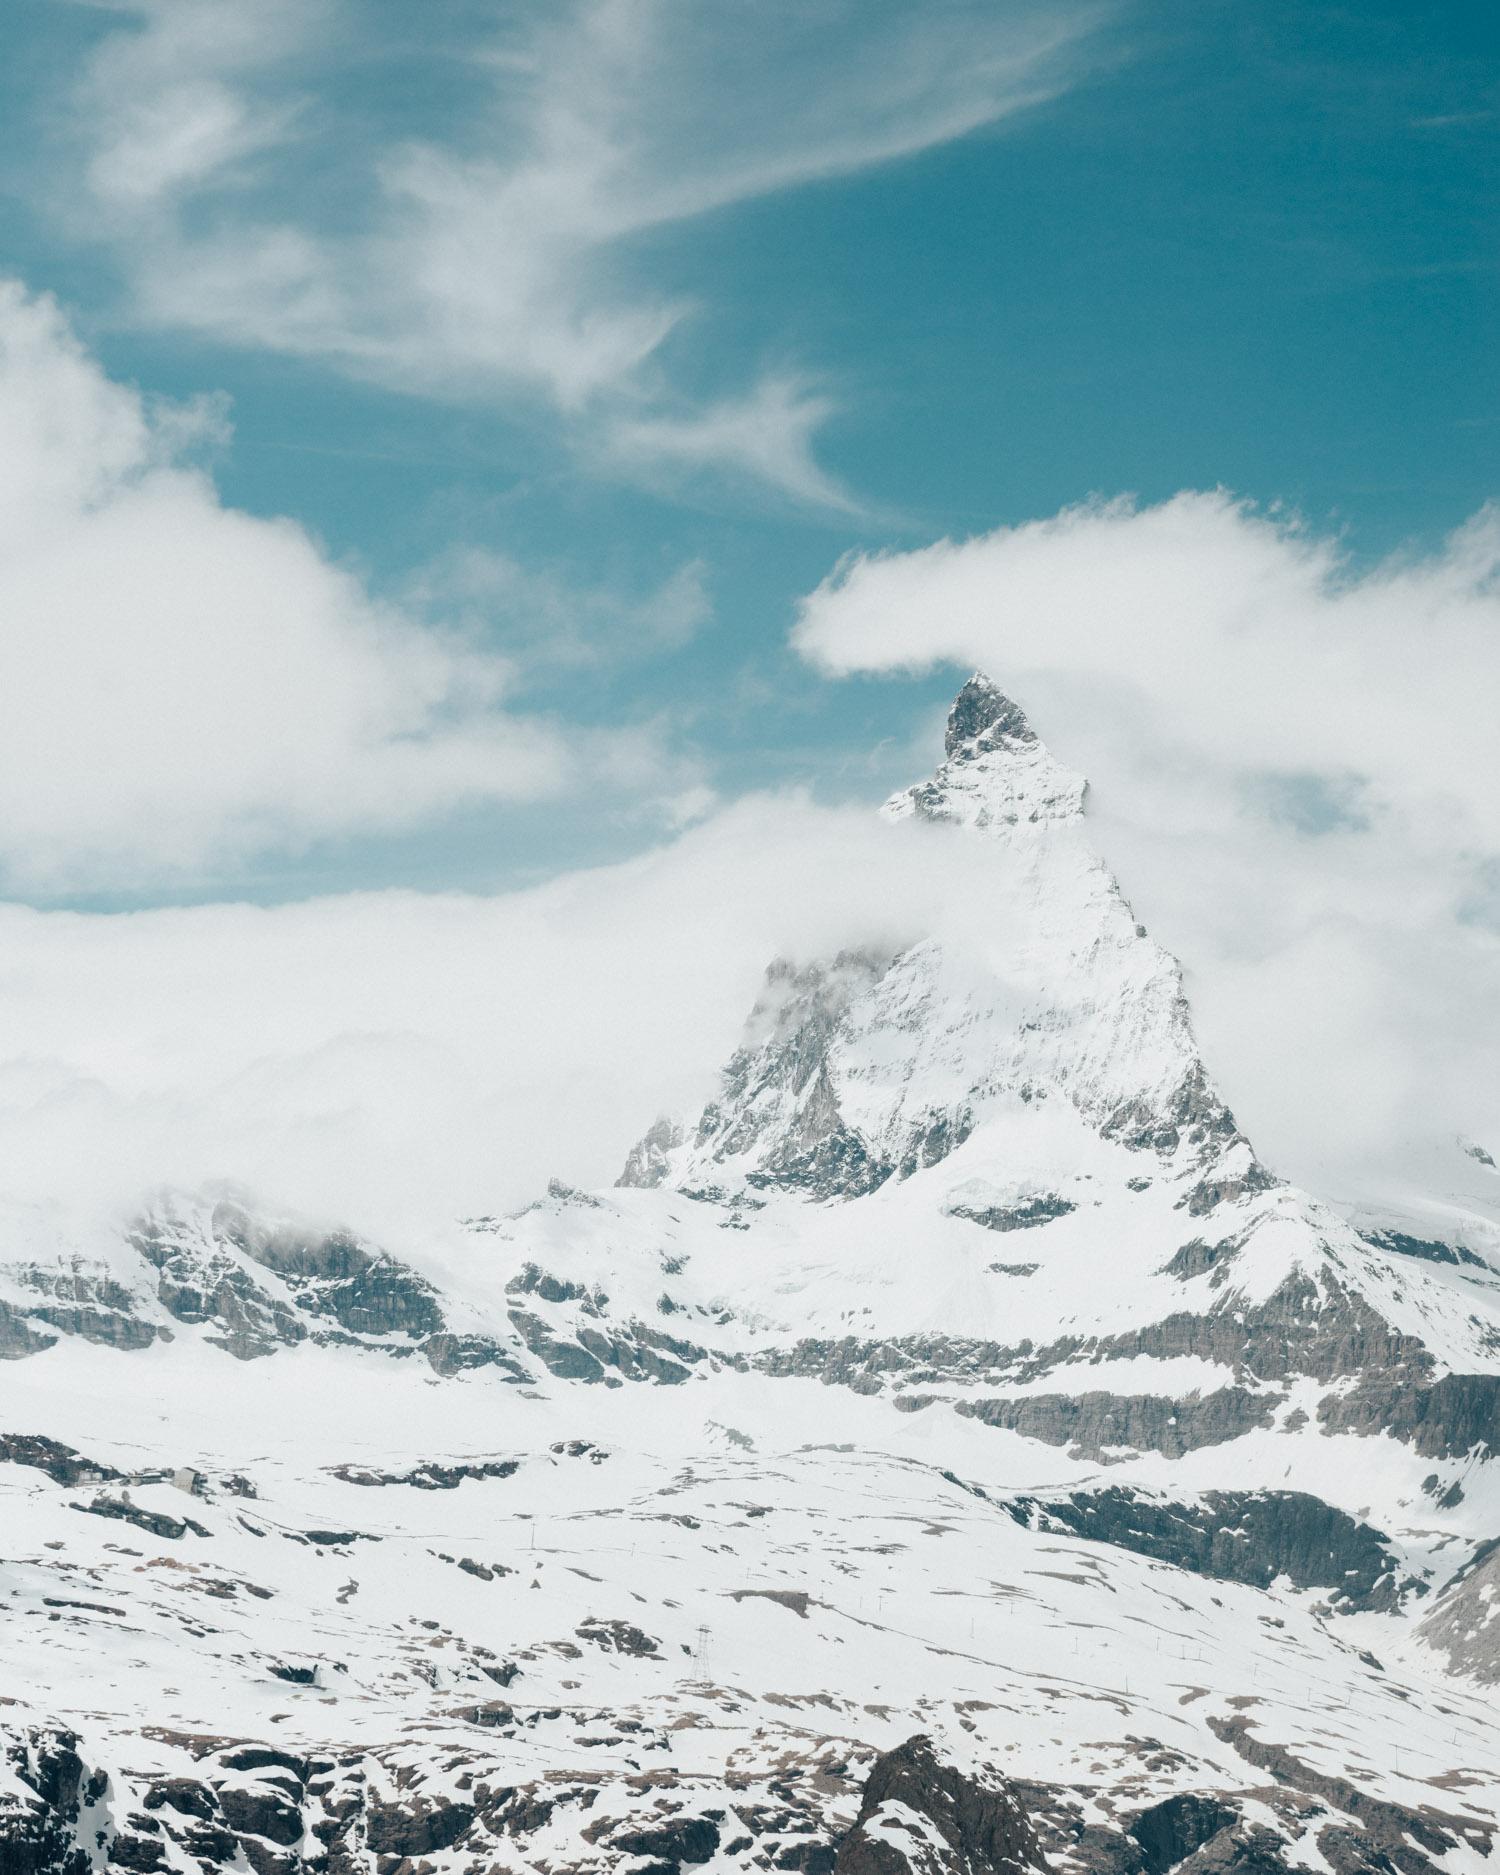 Matterhorn seen from top of Gornergrat